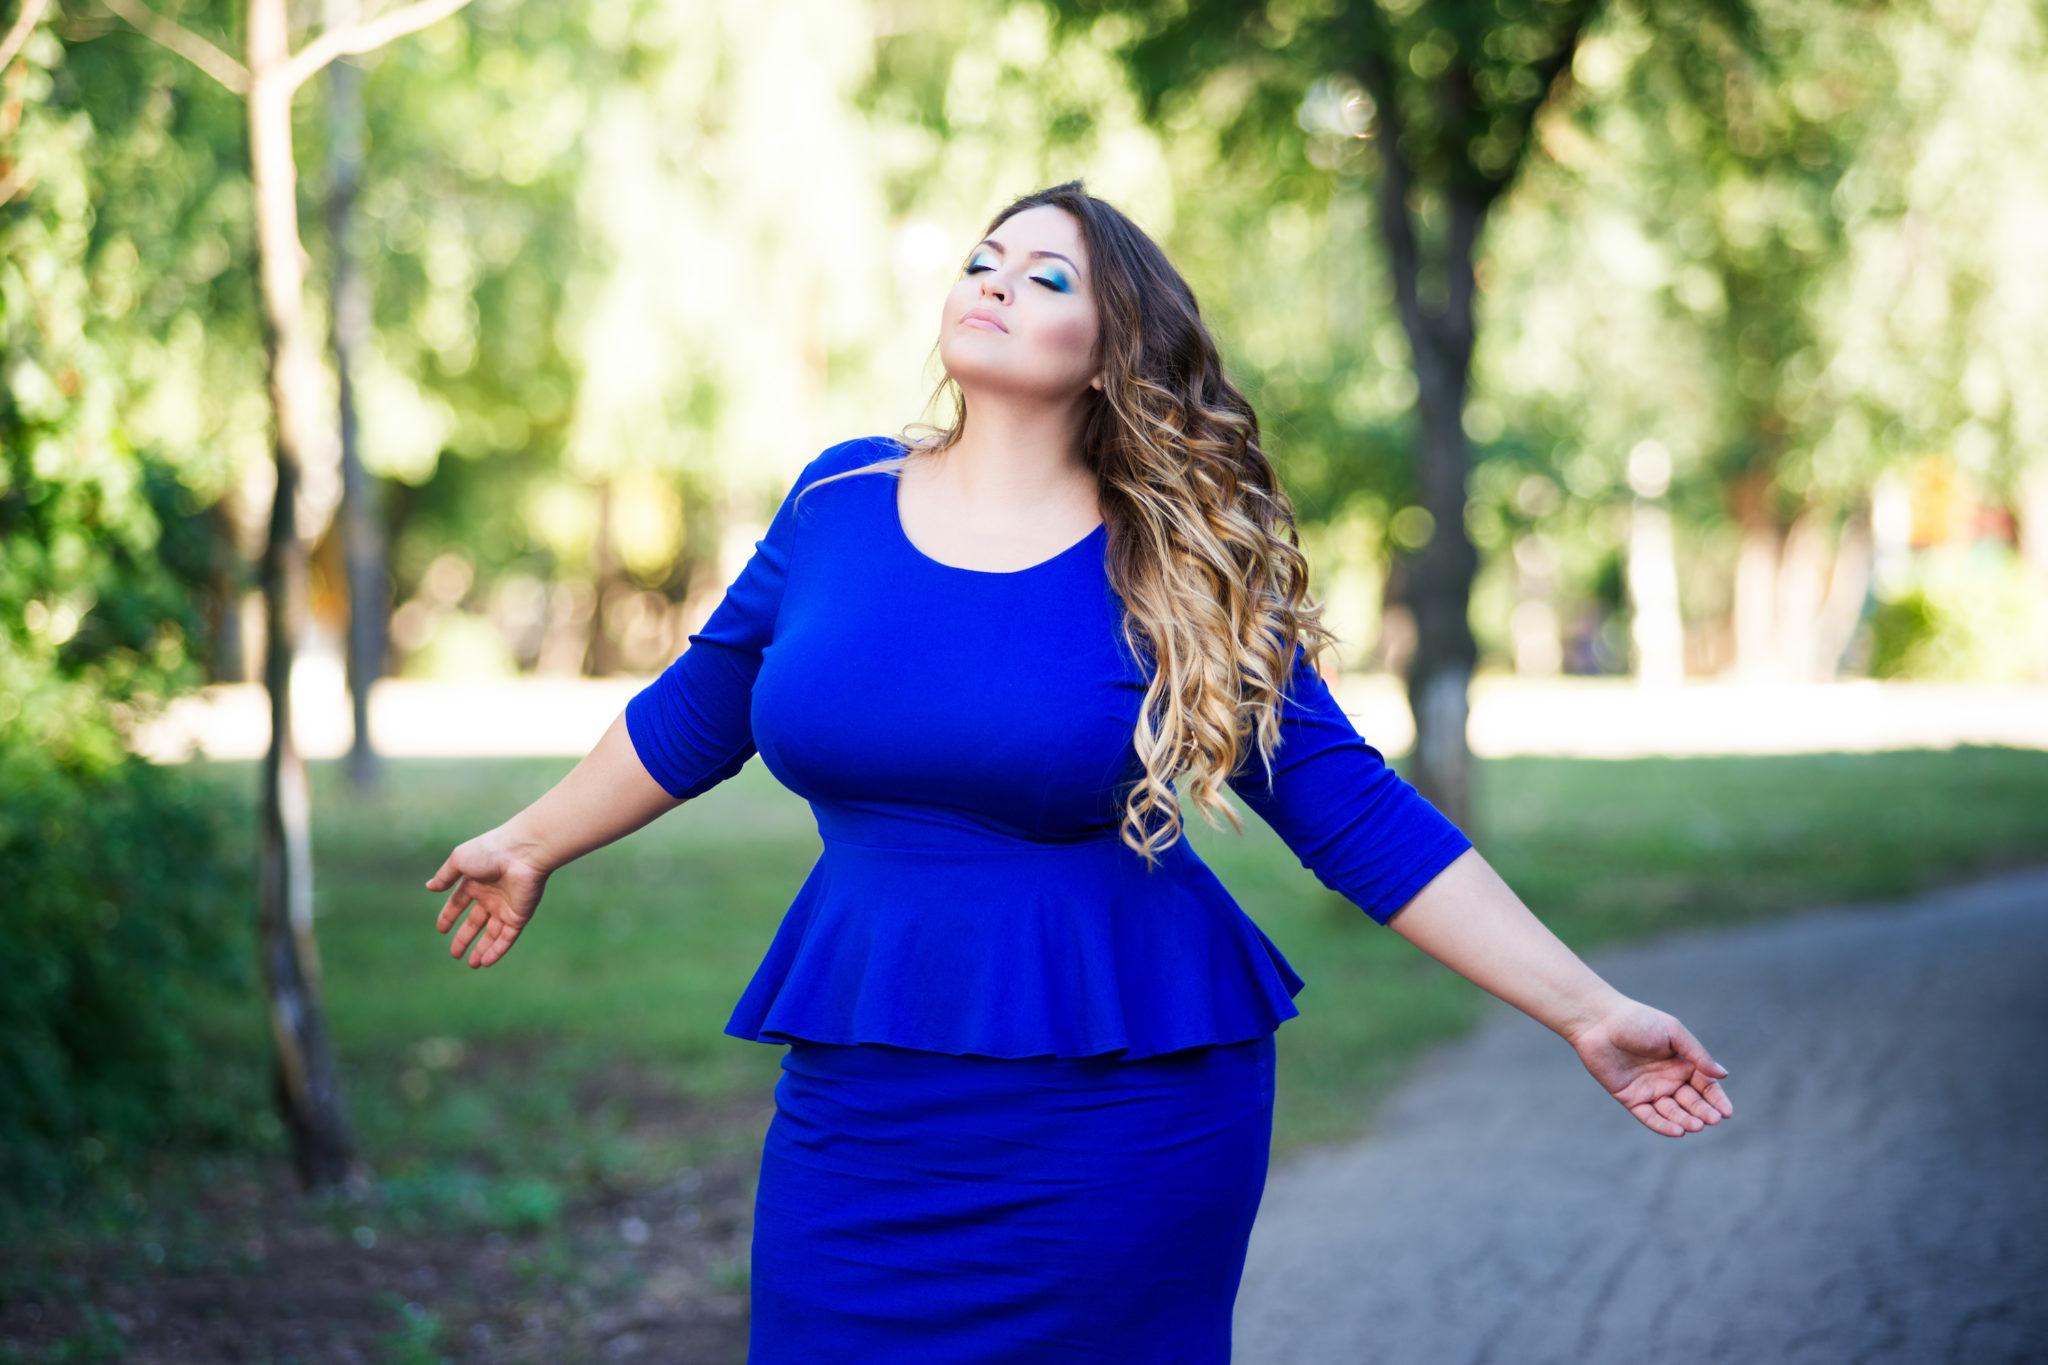 femme ronde en robe bleue éclatante dans un jardin